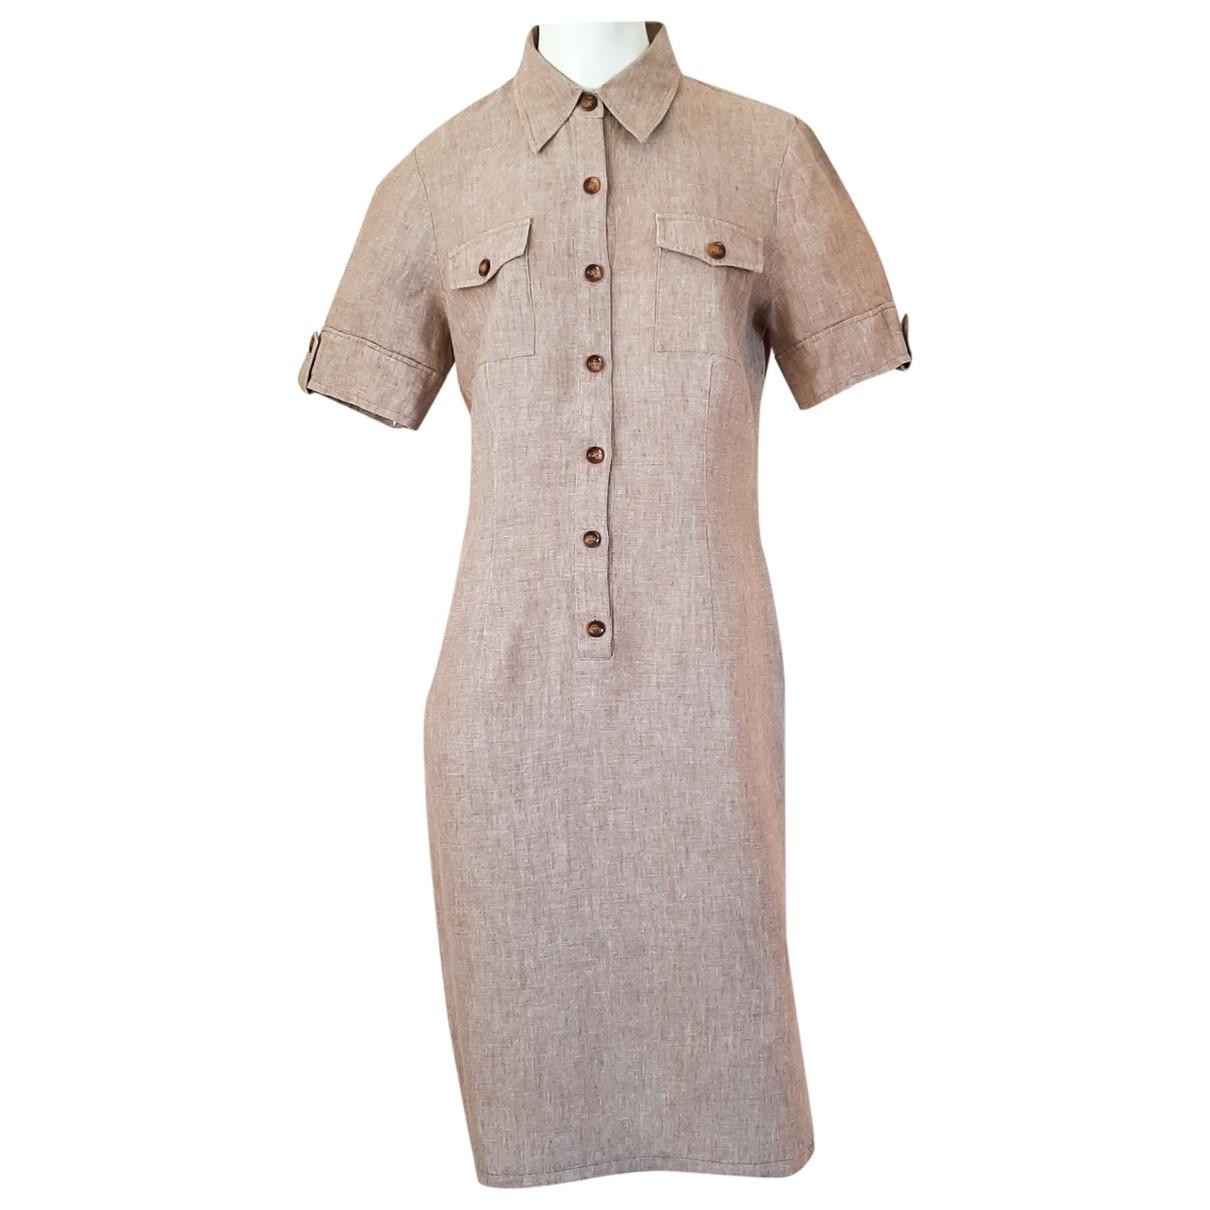 Elegance Paris - Robe   pour femme en lin - beige